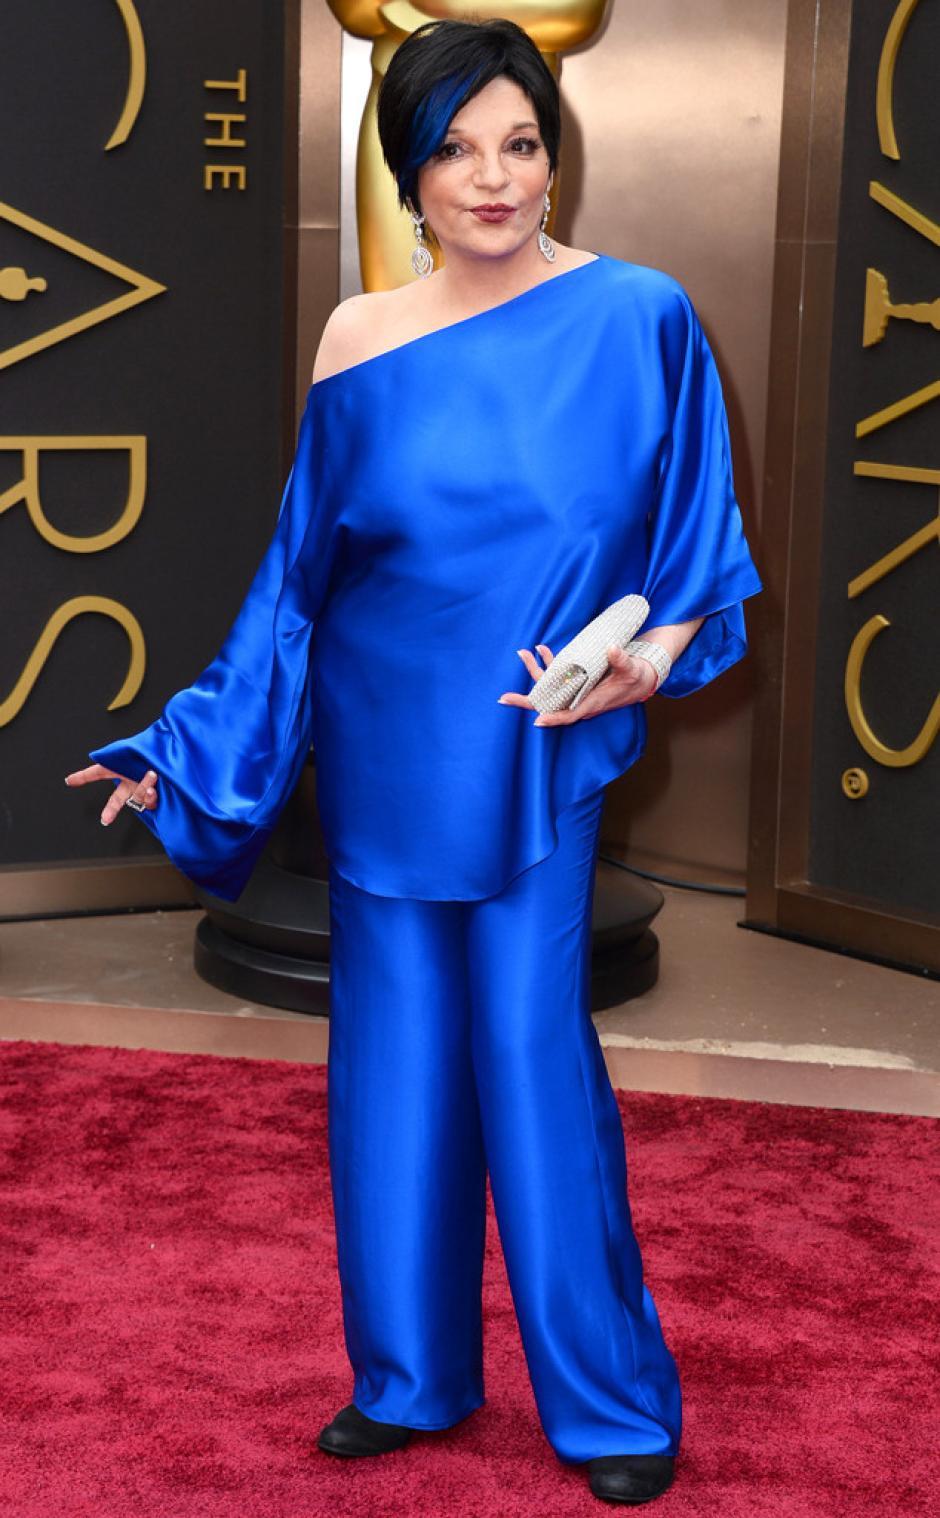 Liza Minelli llega con un atuendo azul de pantalón combinado con su pelo negro y tonos azules. Una mujer invierno que sabe cuál es la paleta que le favorece. (Foto: E!)